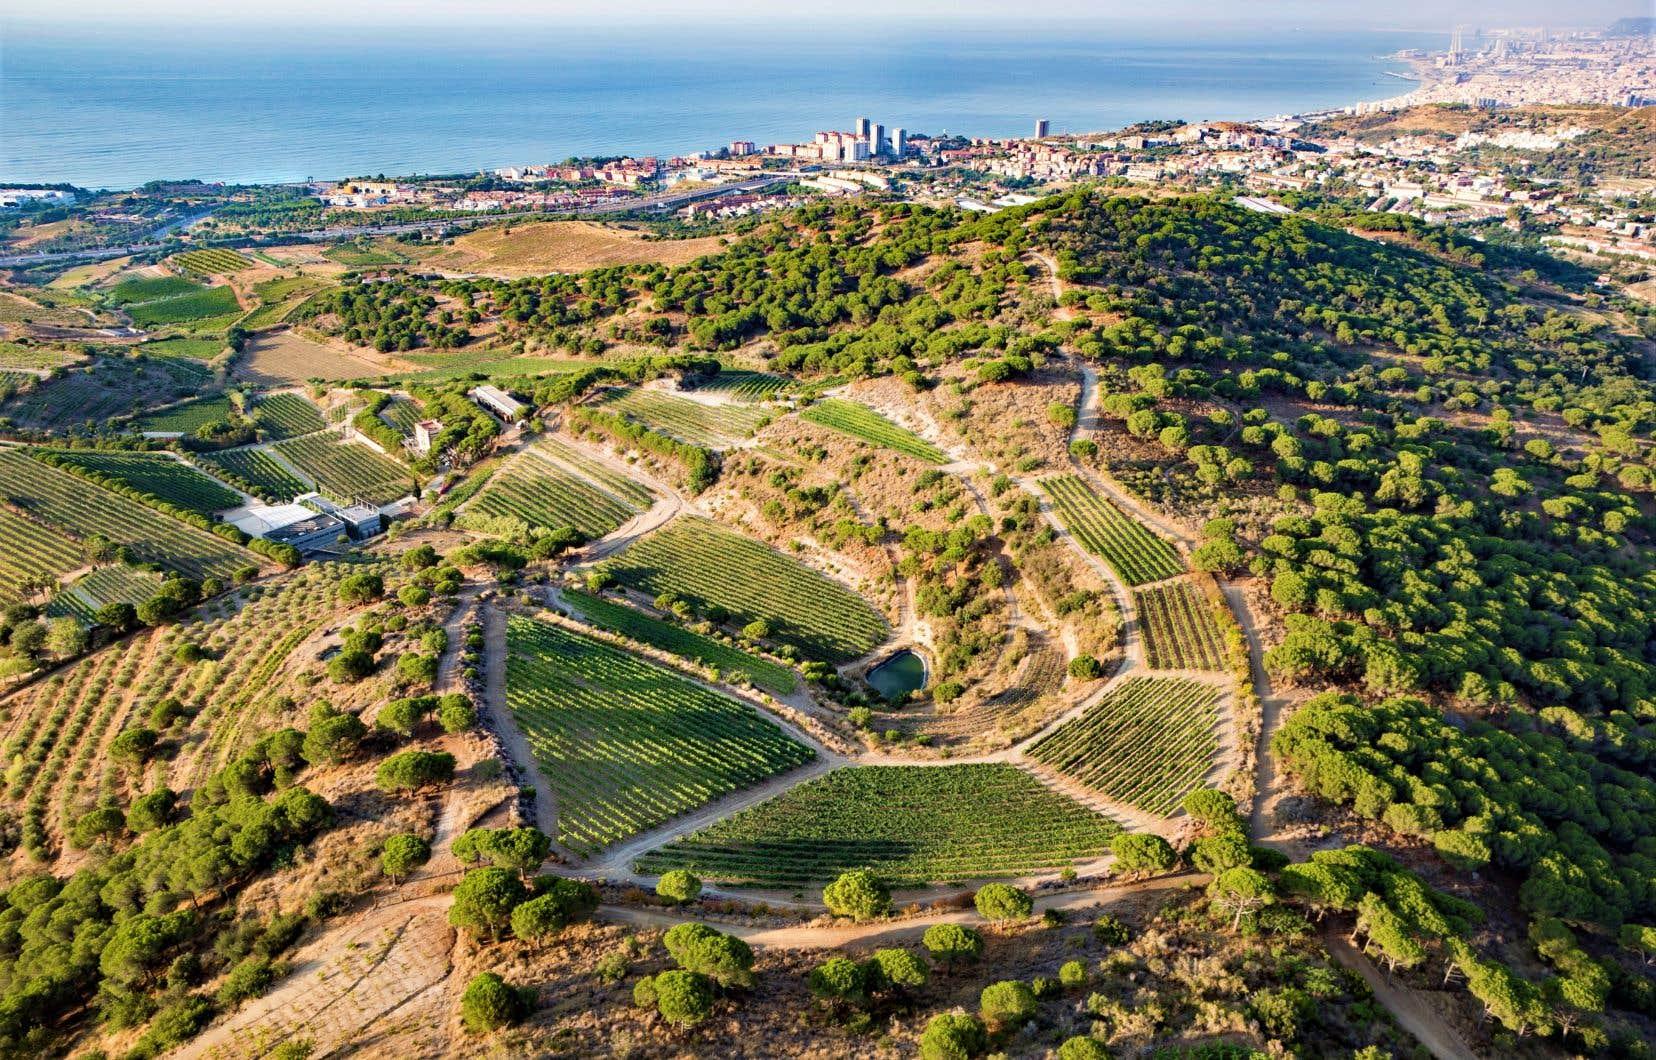 À vol d'oiseau, les vignobles Alta Allela Mirgin et Cellar de les Aus (Cave aux oiseaux en catalan) de la famille Pujol-Busquets Guillén sont à une petite dizaine de kilomètres de Barcelone, bordés par le parc naturel de la Serralada de Marina, avec vue sur mer s'il vous plaît